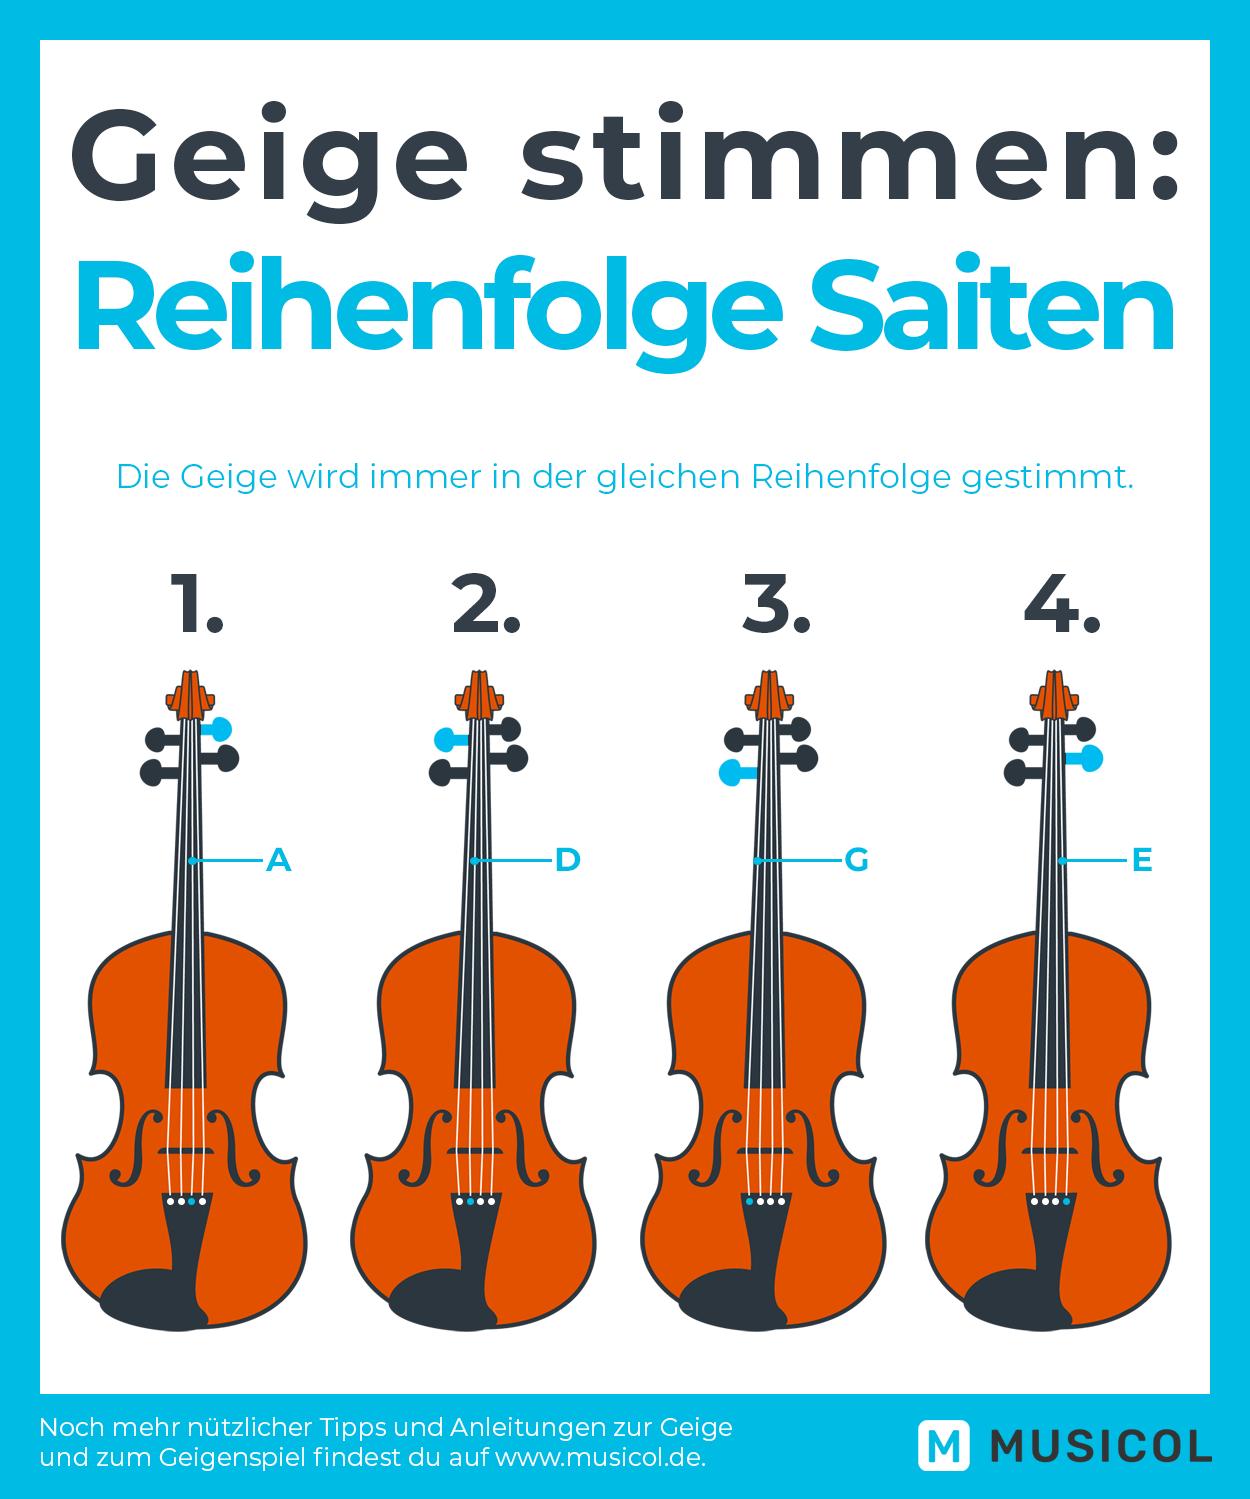 Die richtige Reihenfolge der Saiten beim Stimmen der Geige